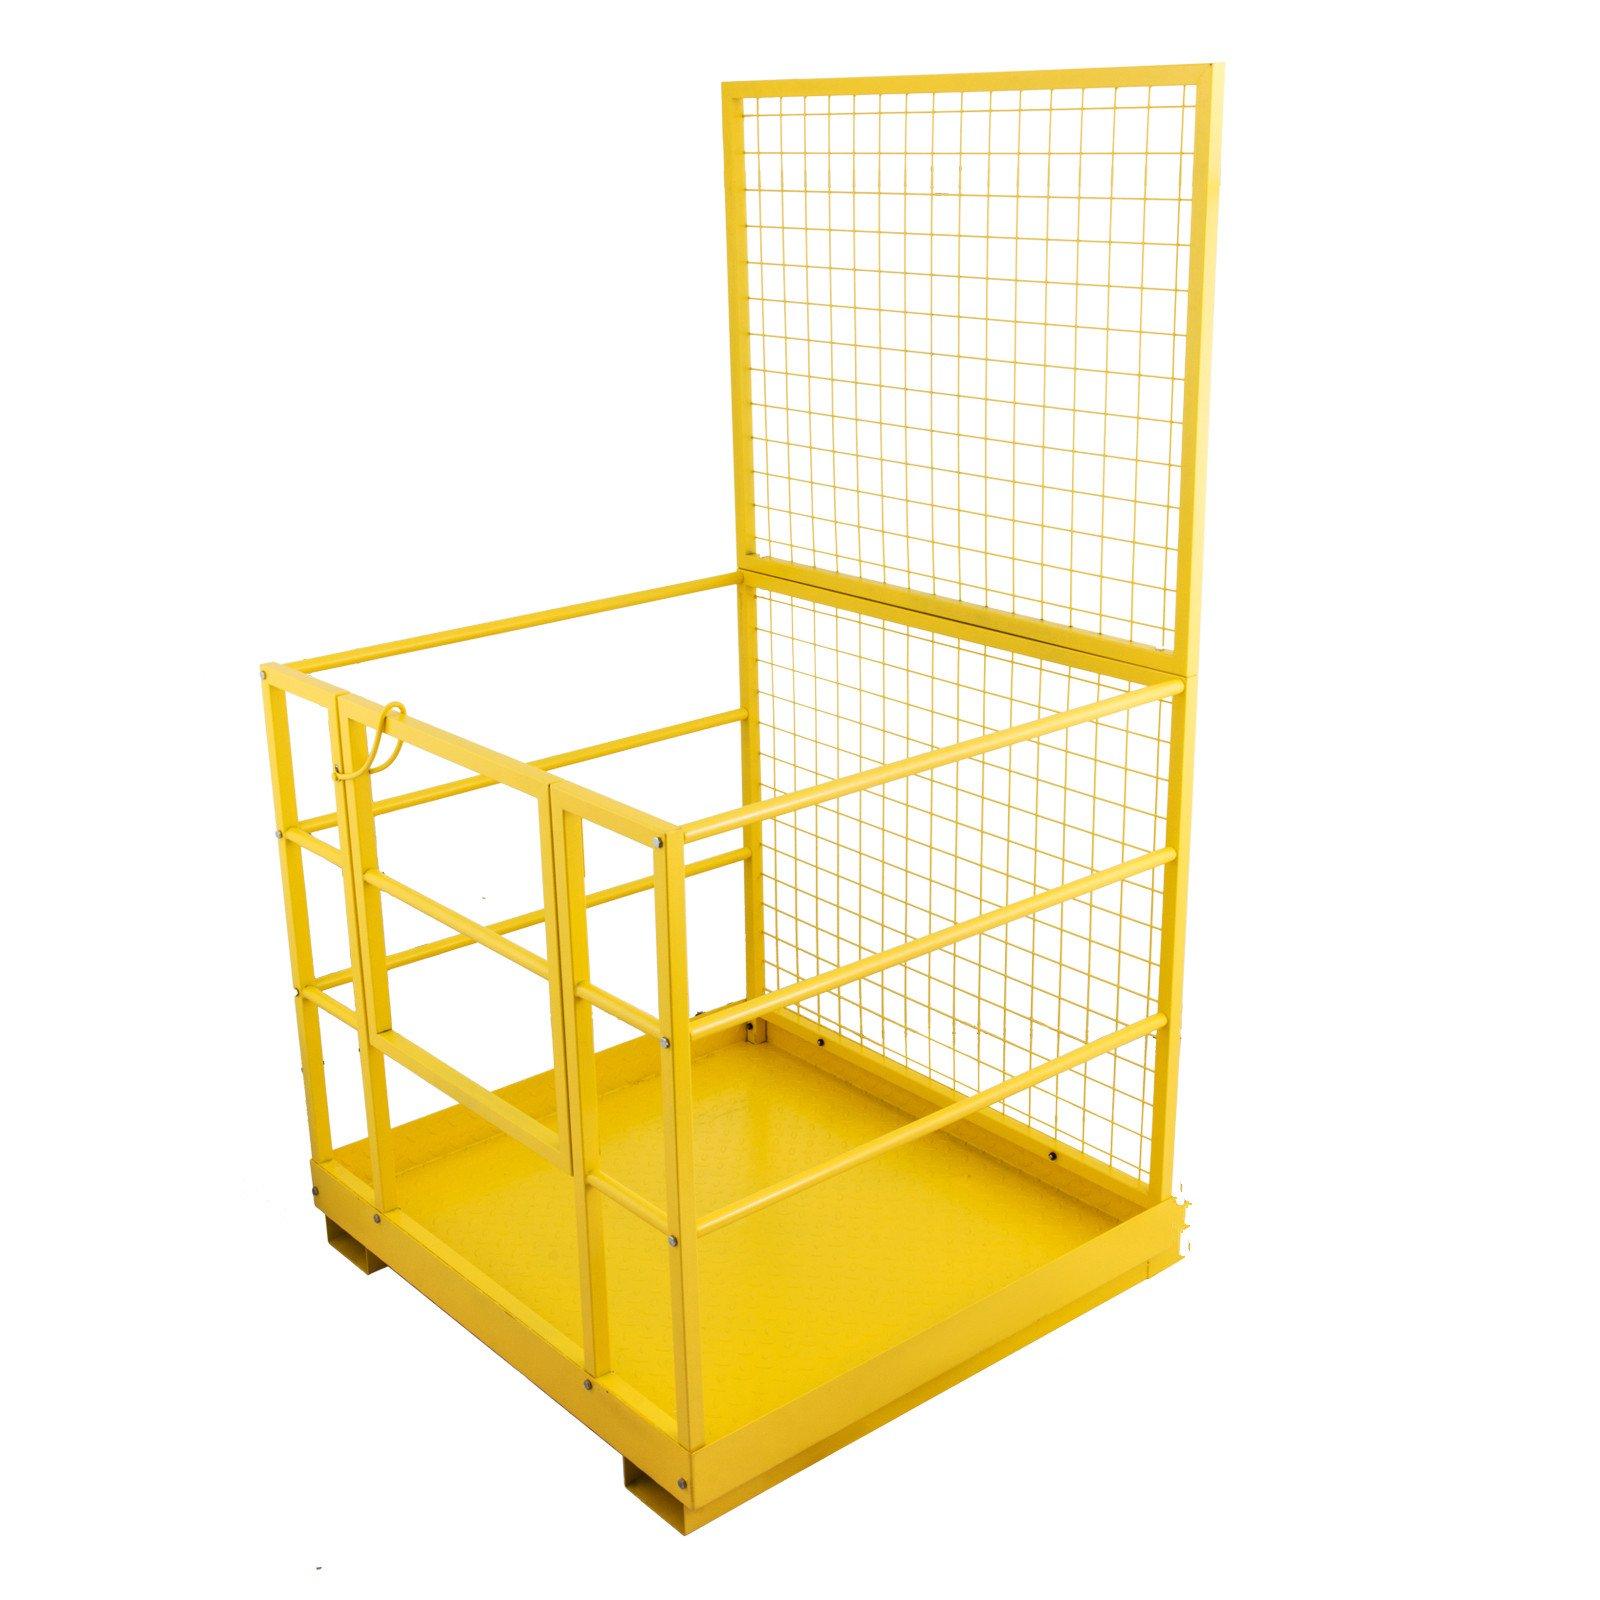 Happybuy Forklift Safety Lift Basket 1200lbs Capacity Steel Forklift Safety Cage Work Platform 45'' x 43'' Forklift Basket Safety Cage for Most Aerial Jobs of Forklift or Pallet Loader (45x43 Inch)